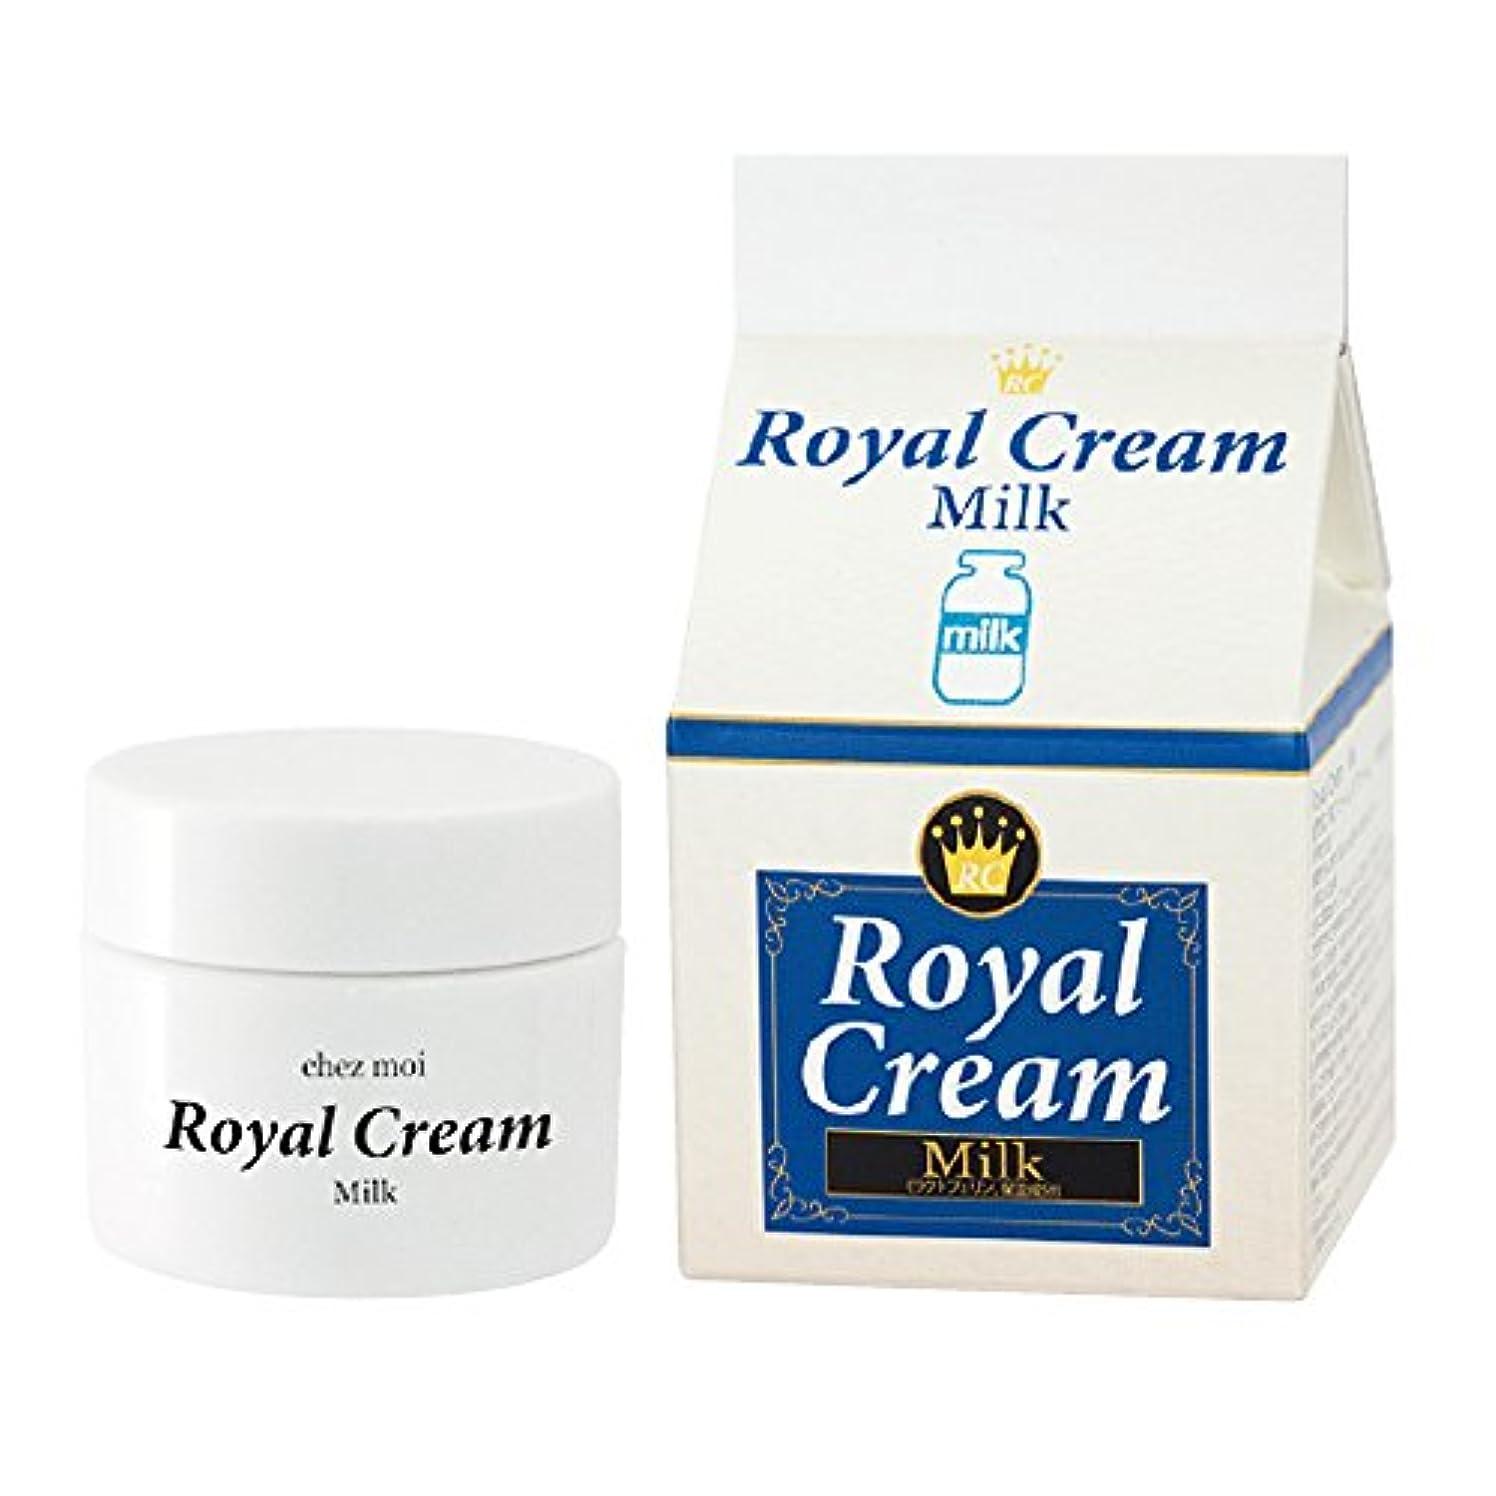 続編ストレスくさびシェモア Royal Cream(ロイヤルクリーム) Milk(ミルク) 30g